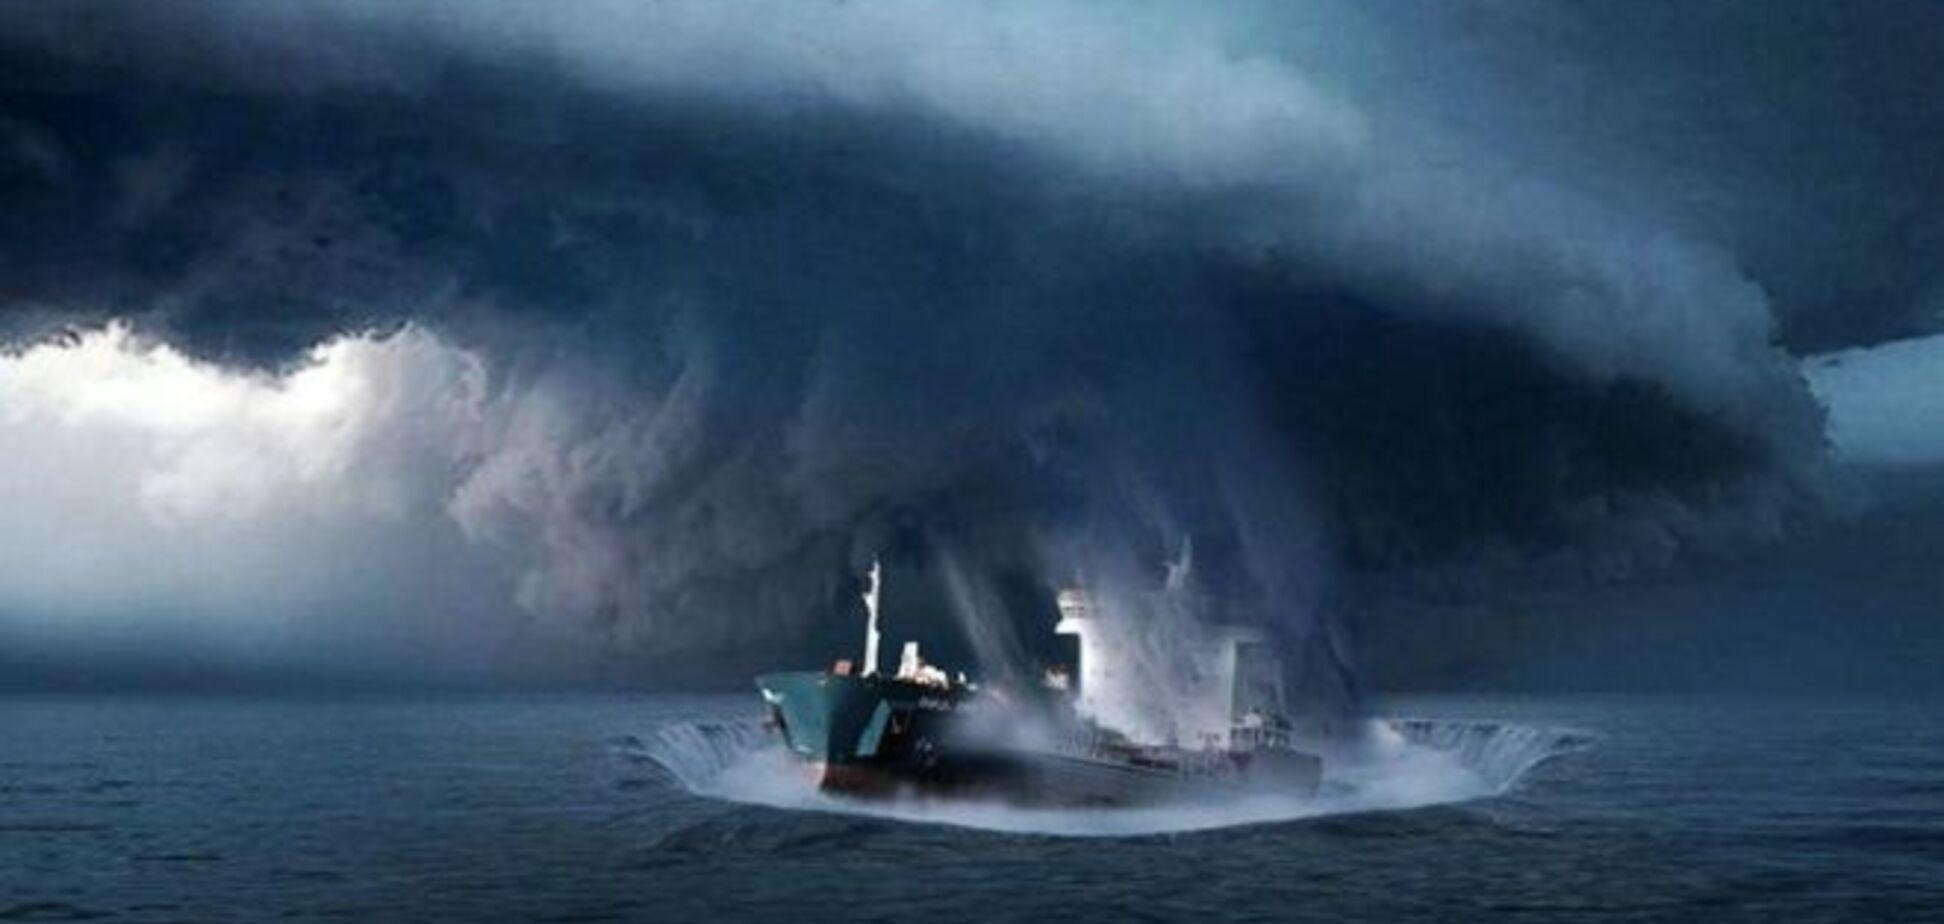 Спустя 90 лет найден корабль, затерянный в Бермудском треугольнике